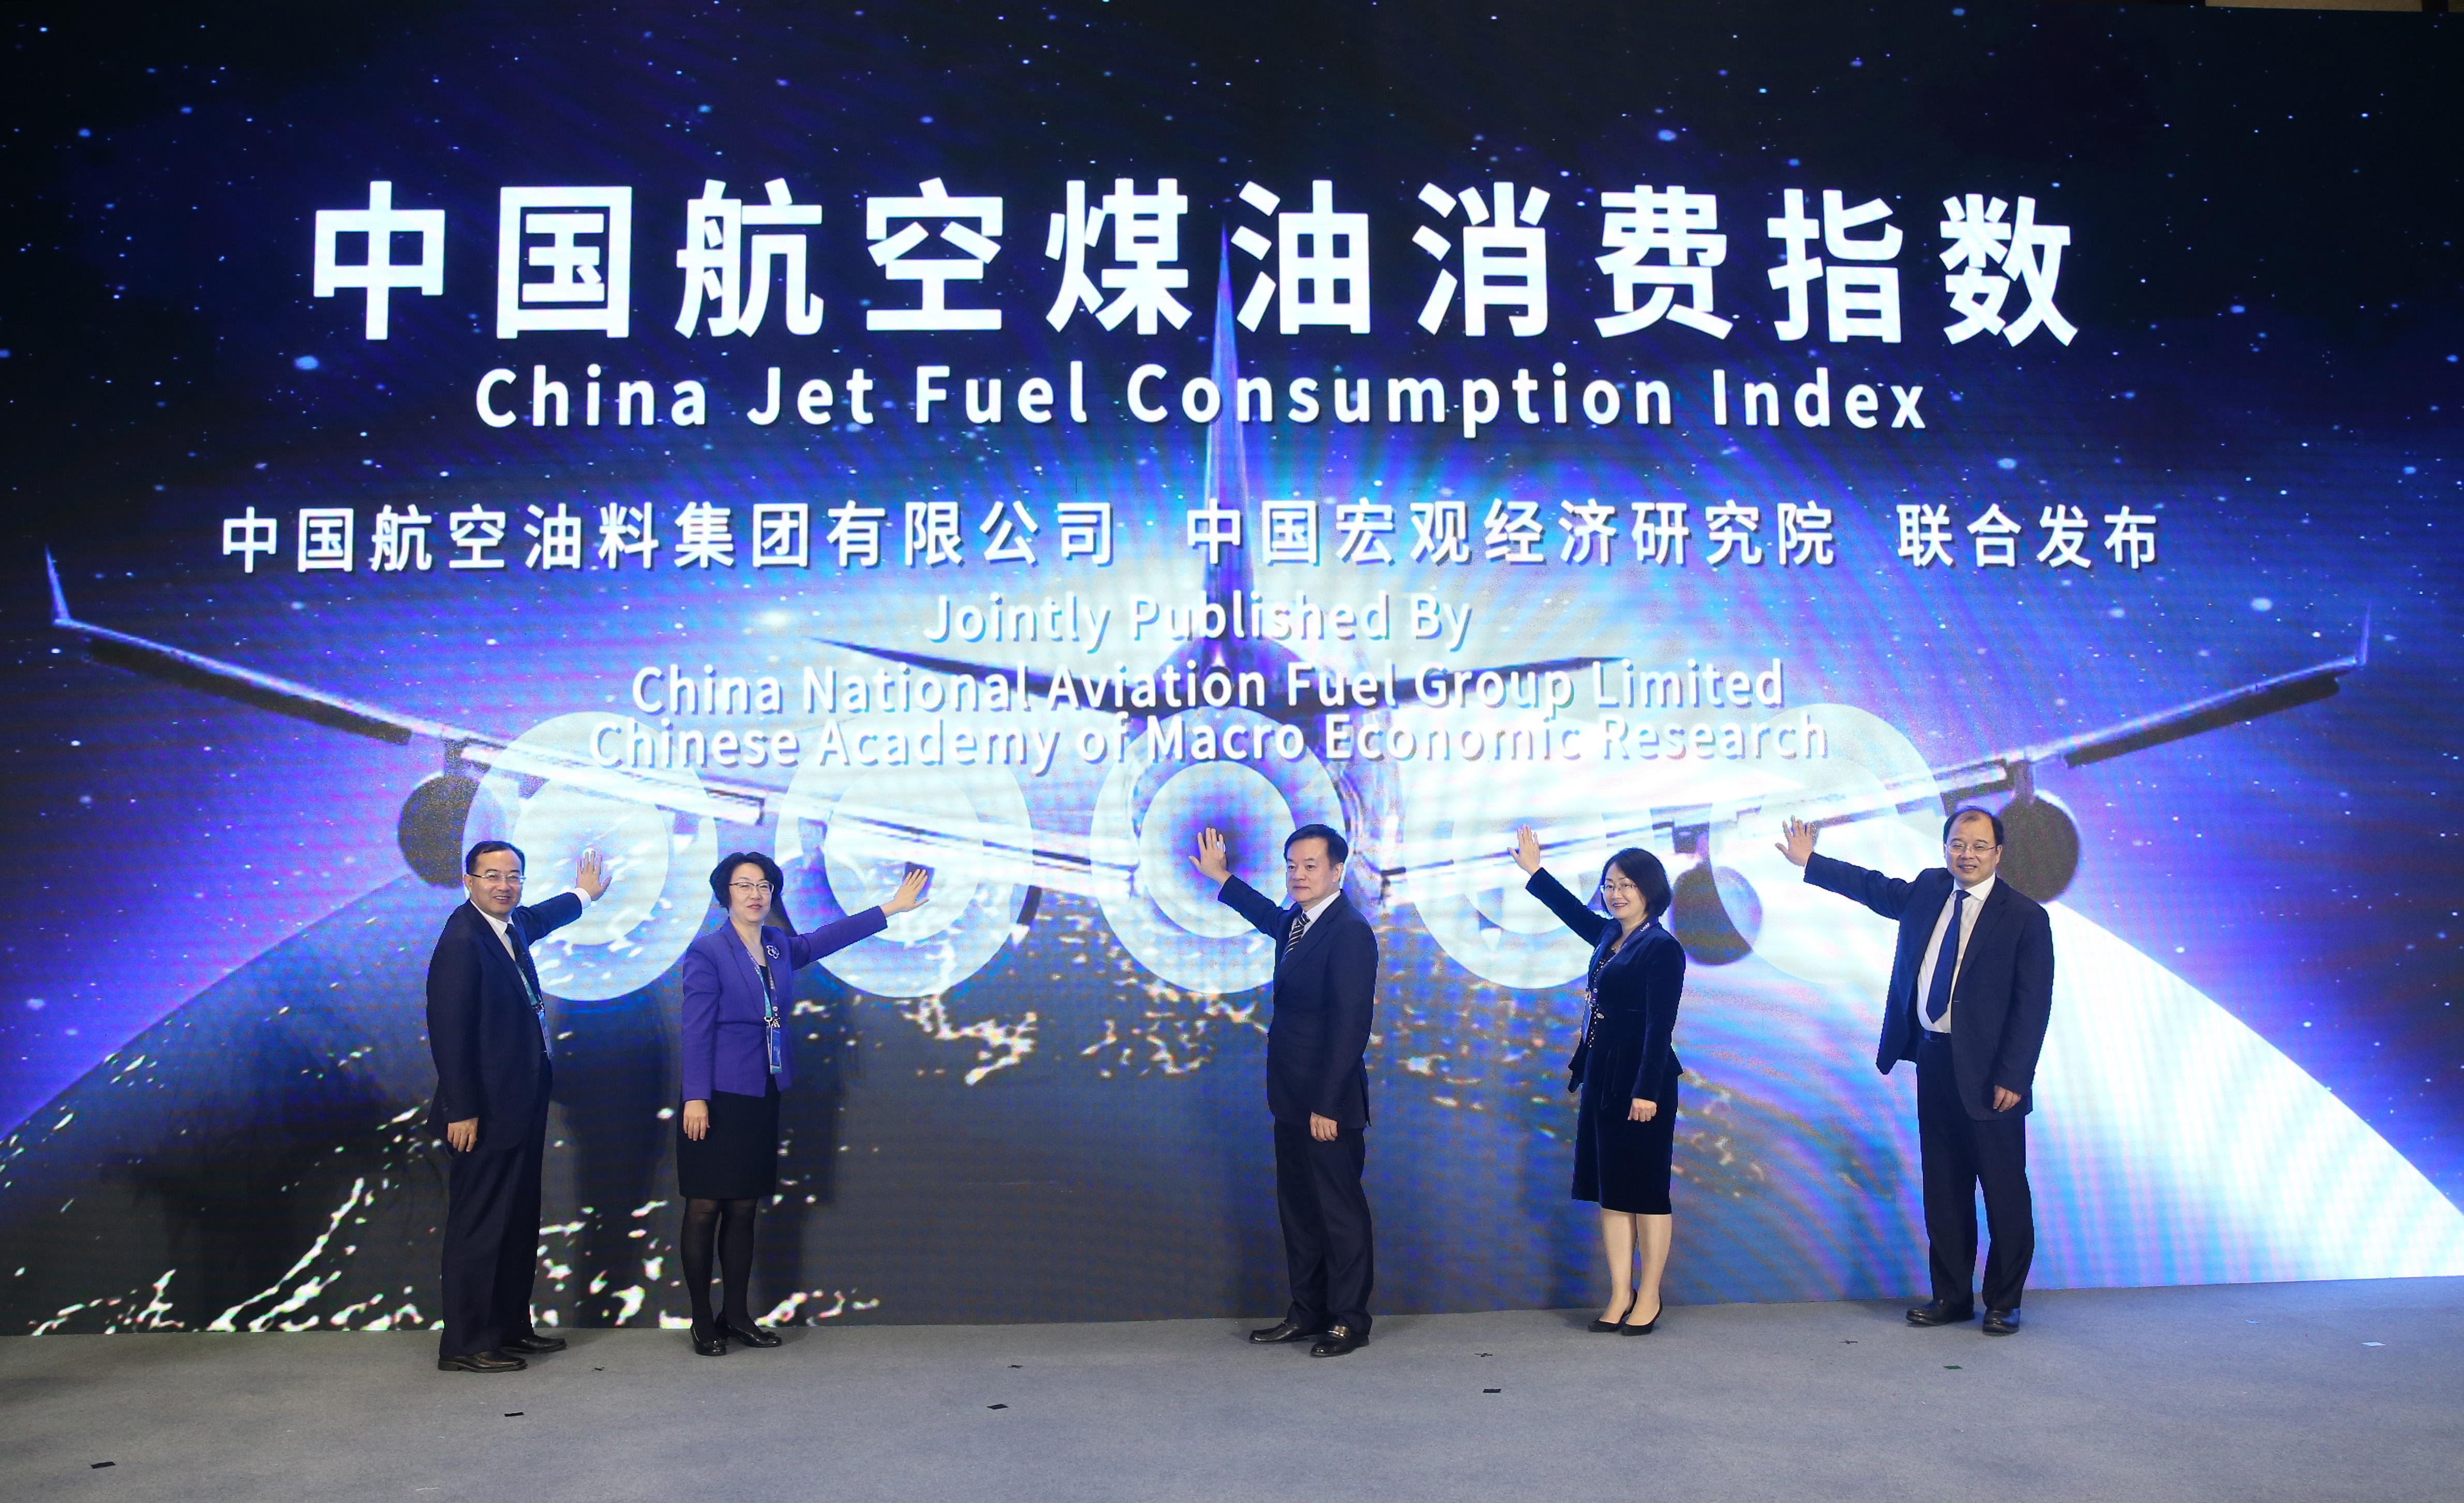 进博会 中国航空煤油消费指数首发!